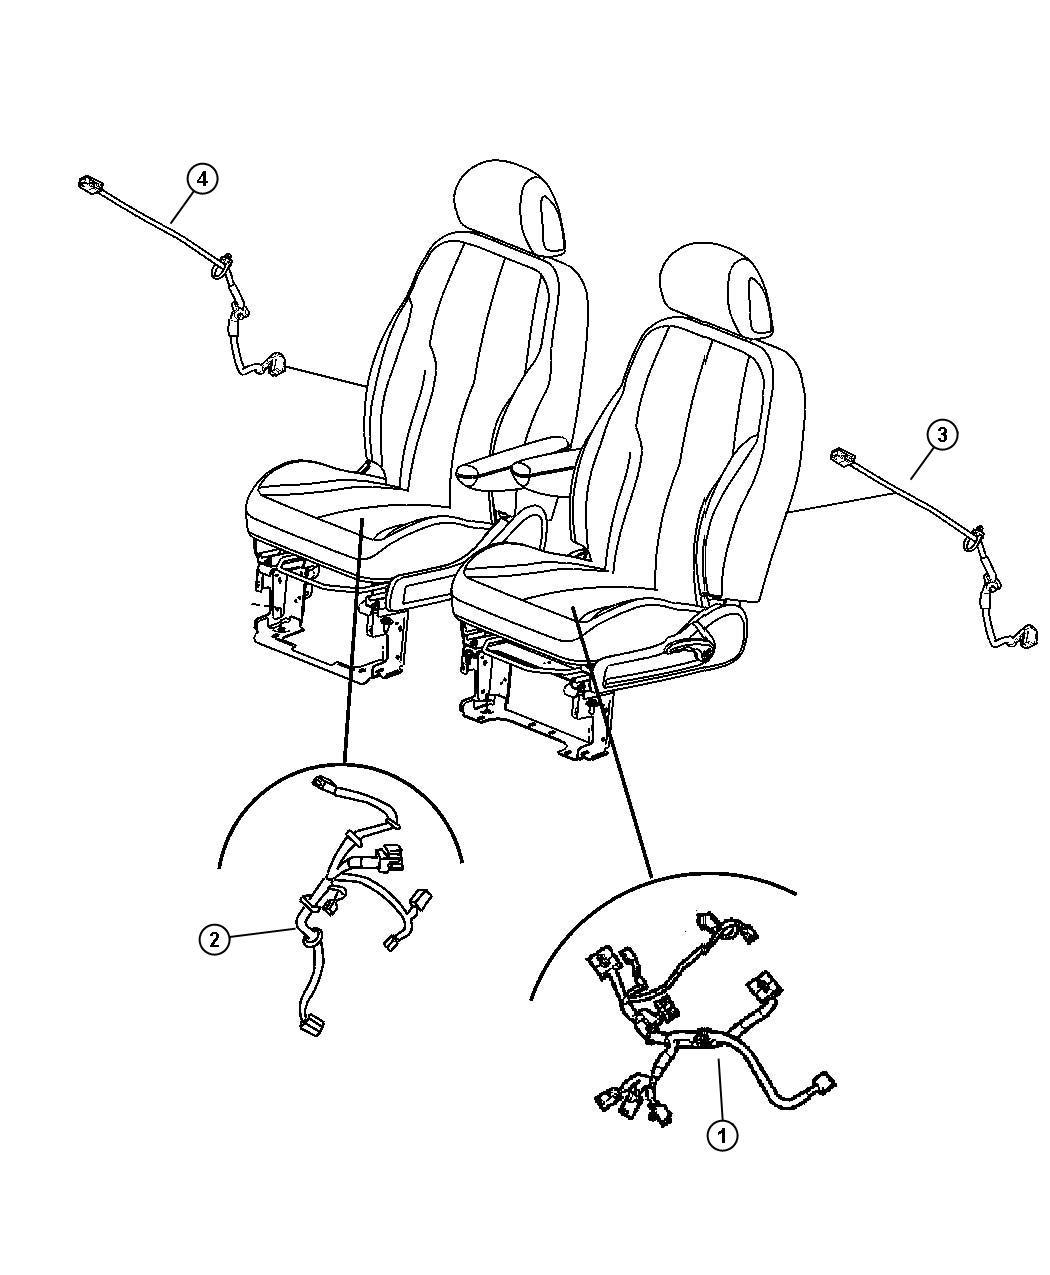 Chrysler Pt Cruiser Wiring Power Seat Seat